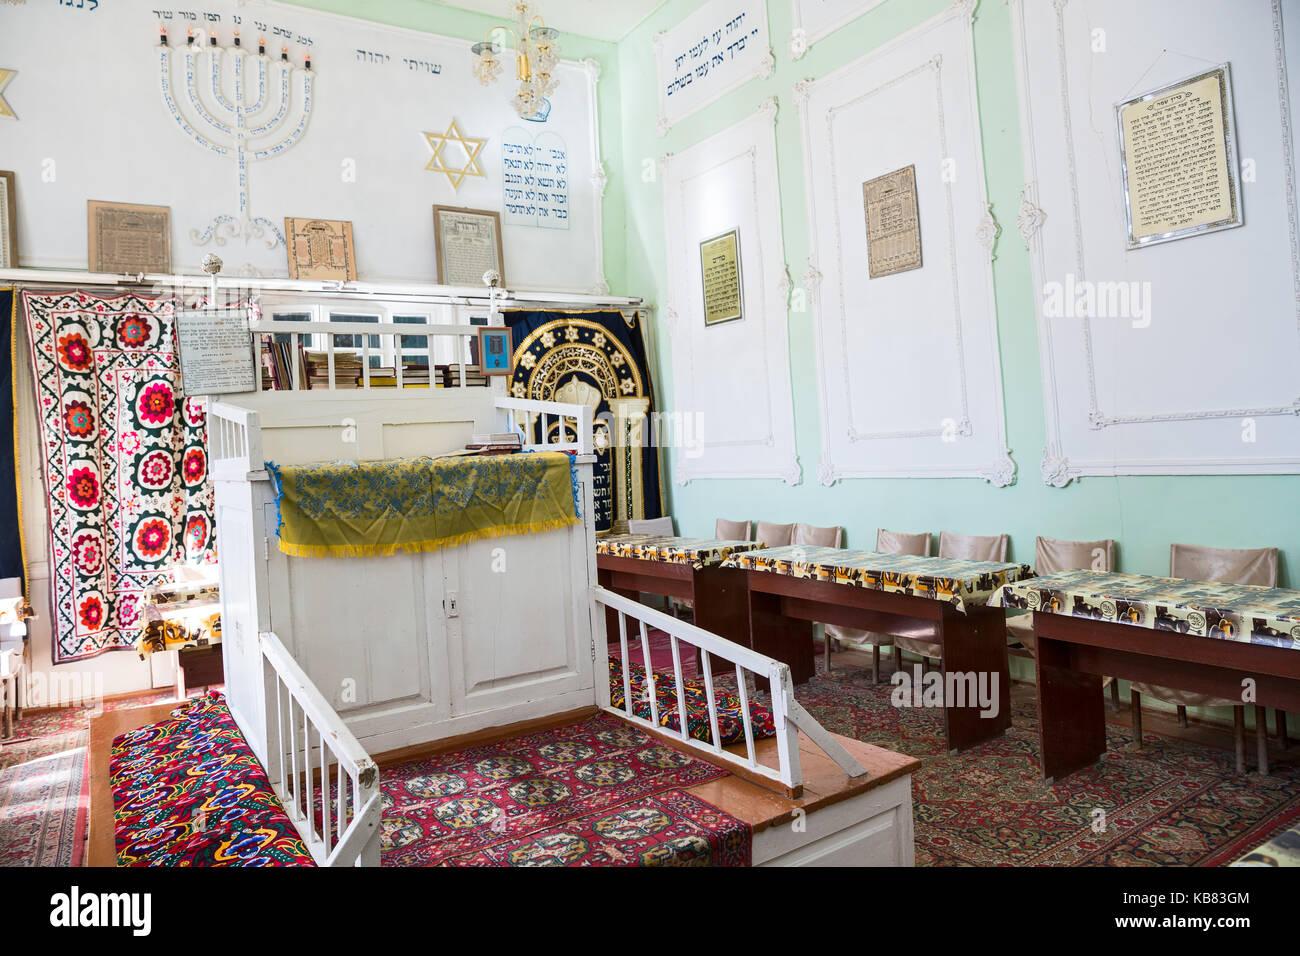 https://c7.alamy.com/compde/kb83gm/buchara-usbekistan-oktober-19-2016-das-interieur-der-ersten-synagoge-in-buchara-bima-ist-die-plattform-in-der-mitte-der-synagoge-und-ein-kb83gm.jpg